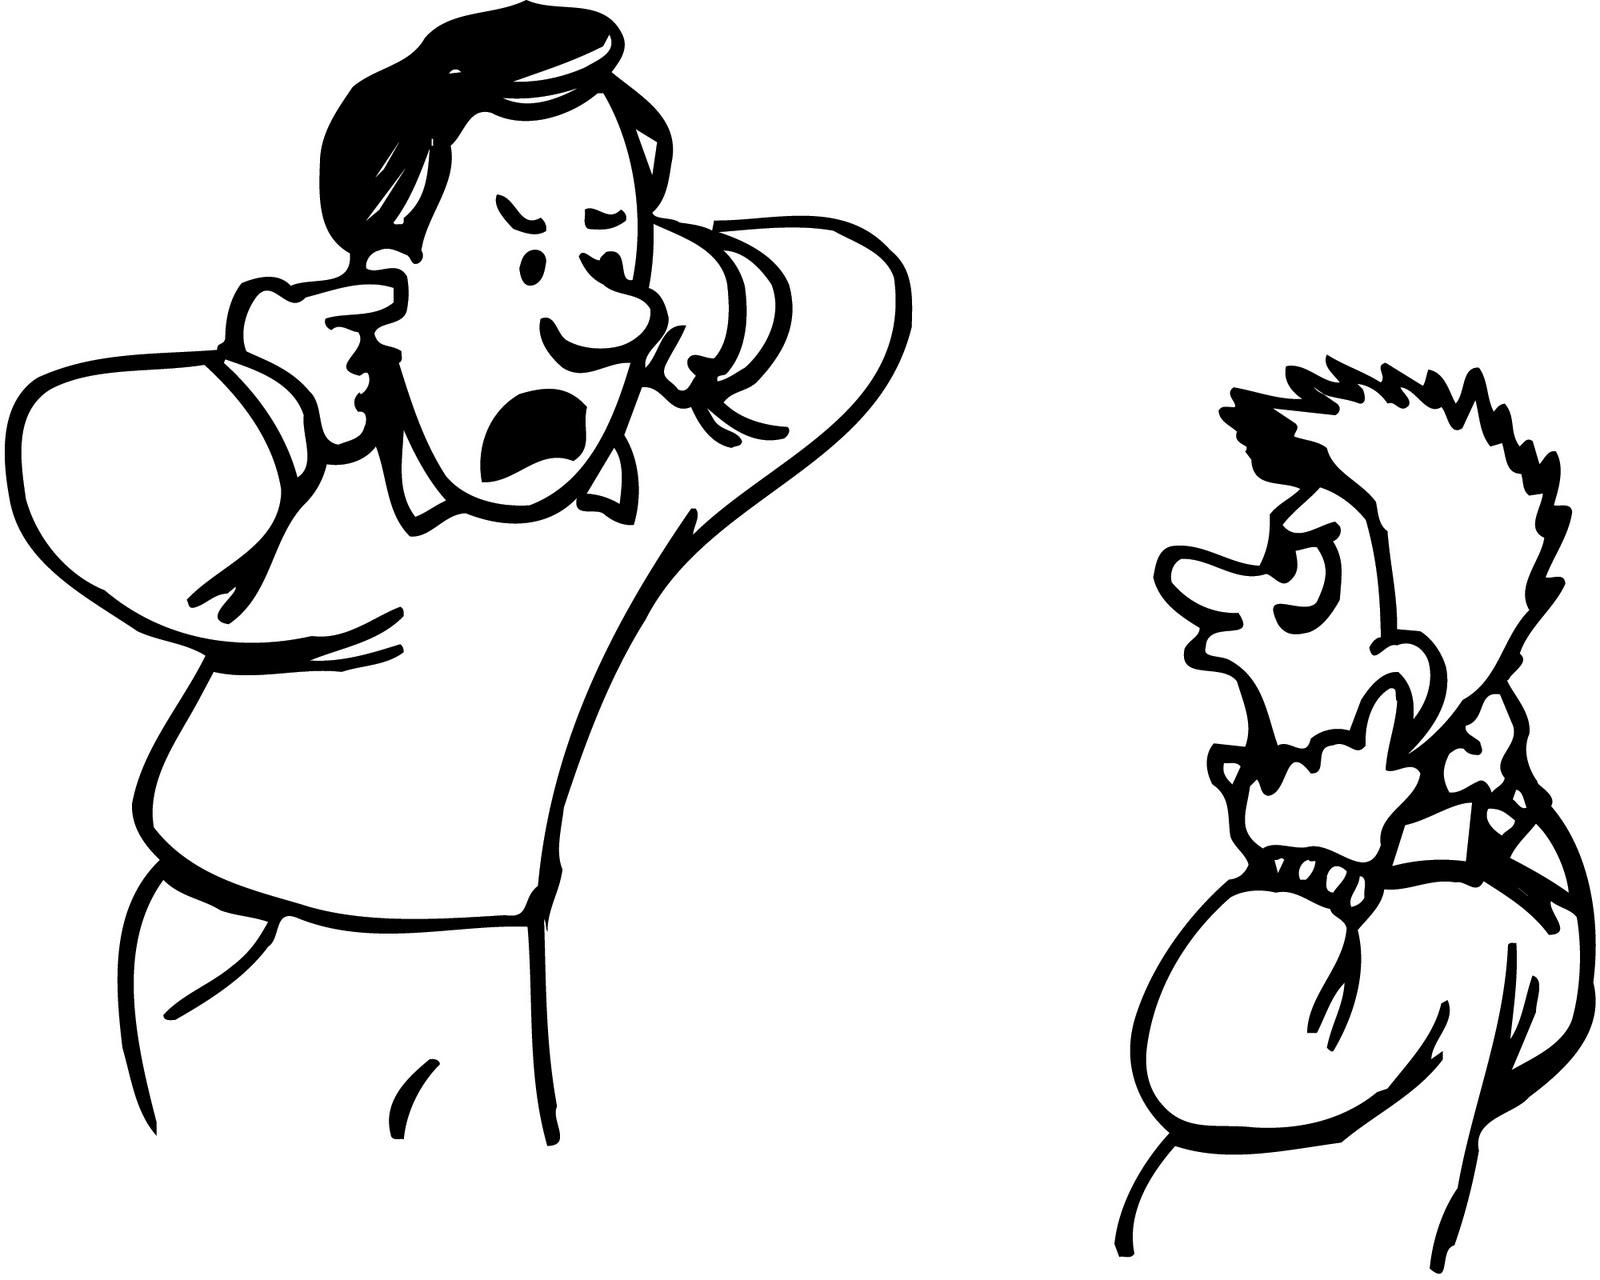 Drawings Of People Fighting